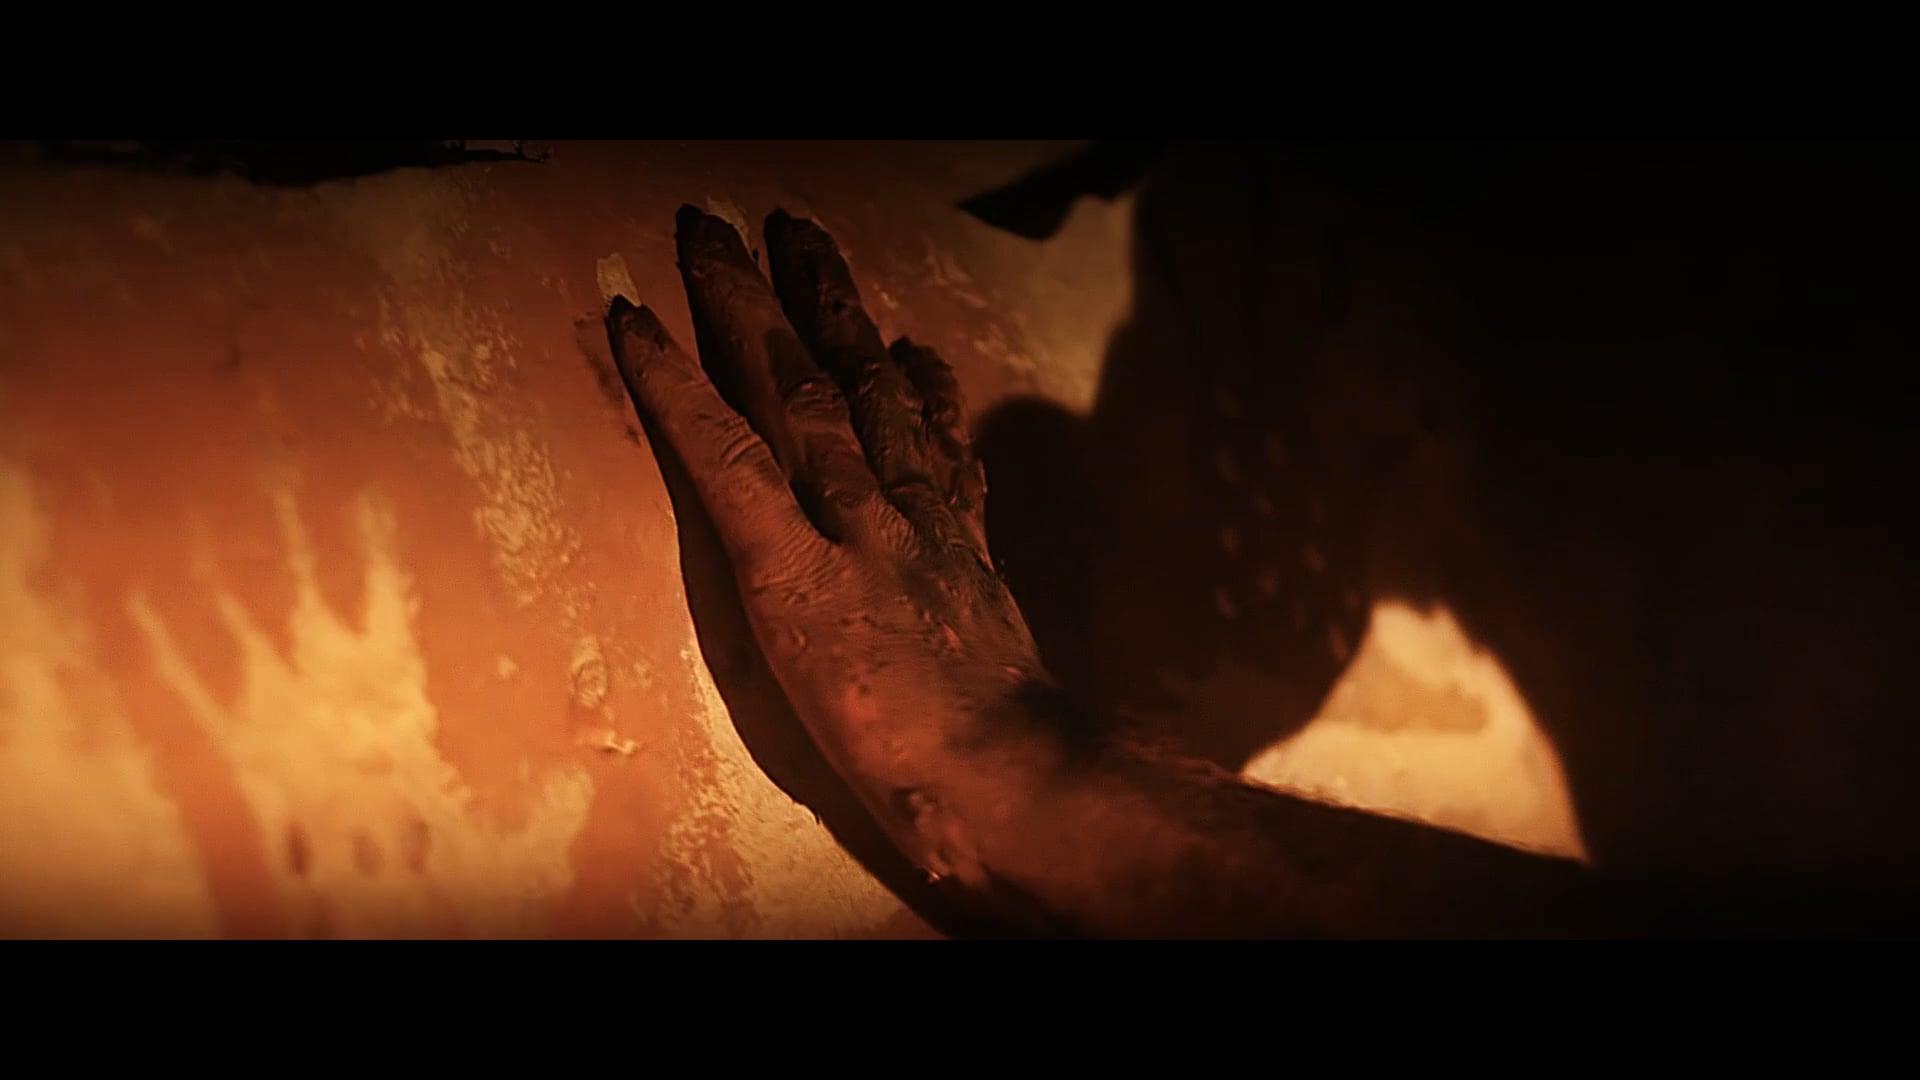 Human-Cannabis I: Sonnet 27 (2013) Trailer